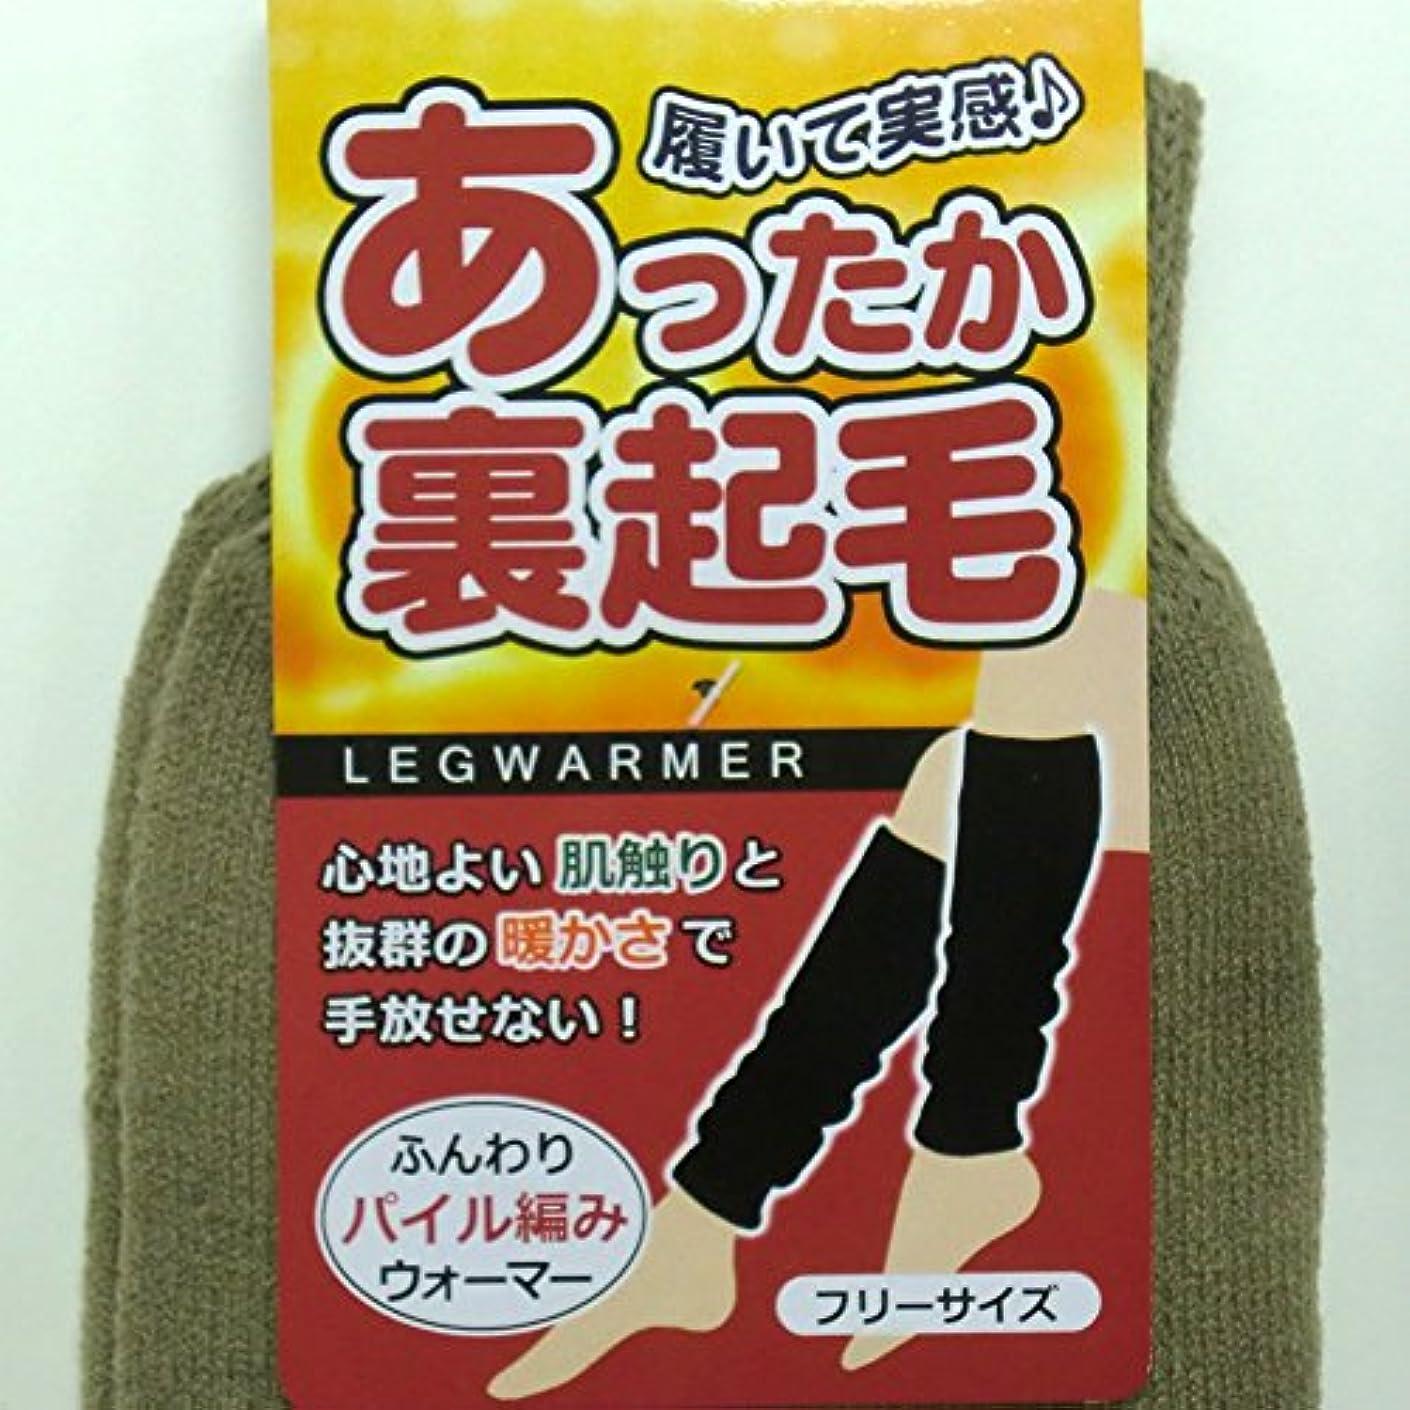 ペイン段落エアコンあったか ロング レッグウォーマー 45cm丈 裏起毛 パイル編み カプサイシン加工 男女兼用 2足組(柄はお任せ)